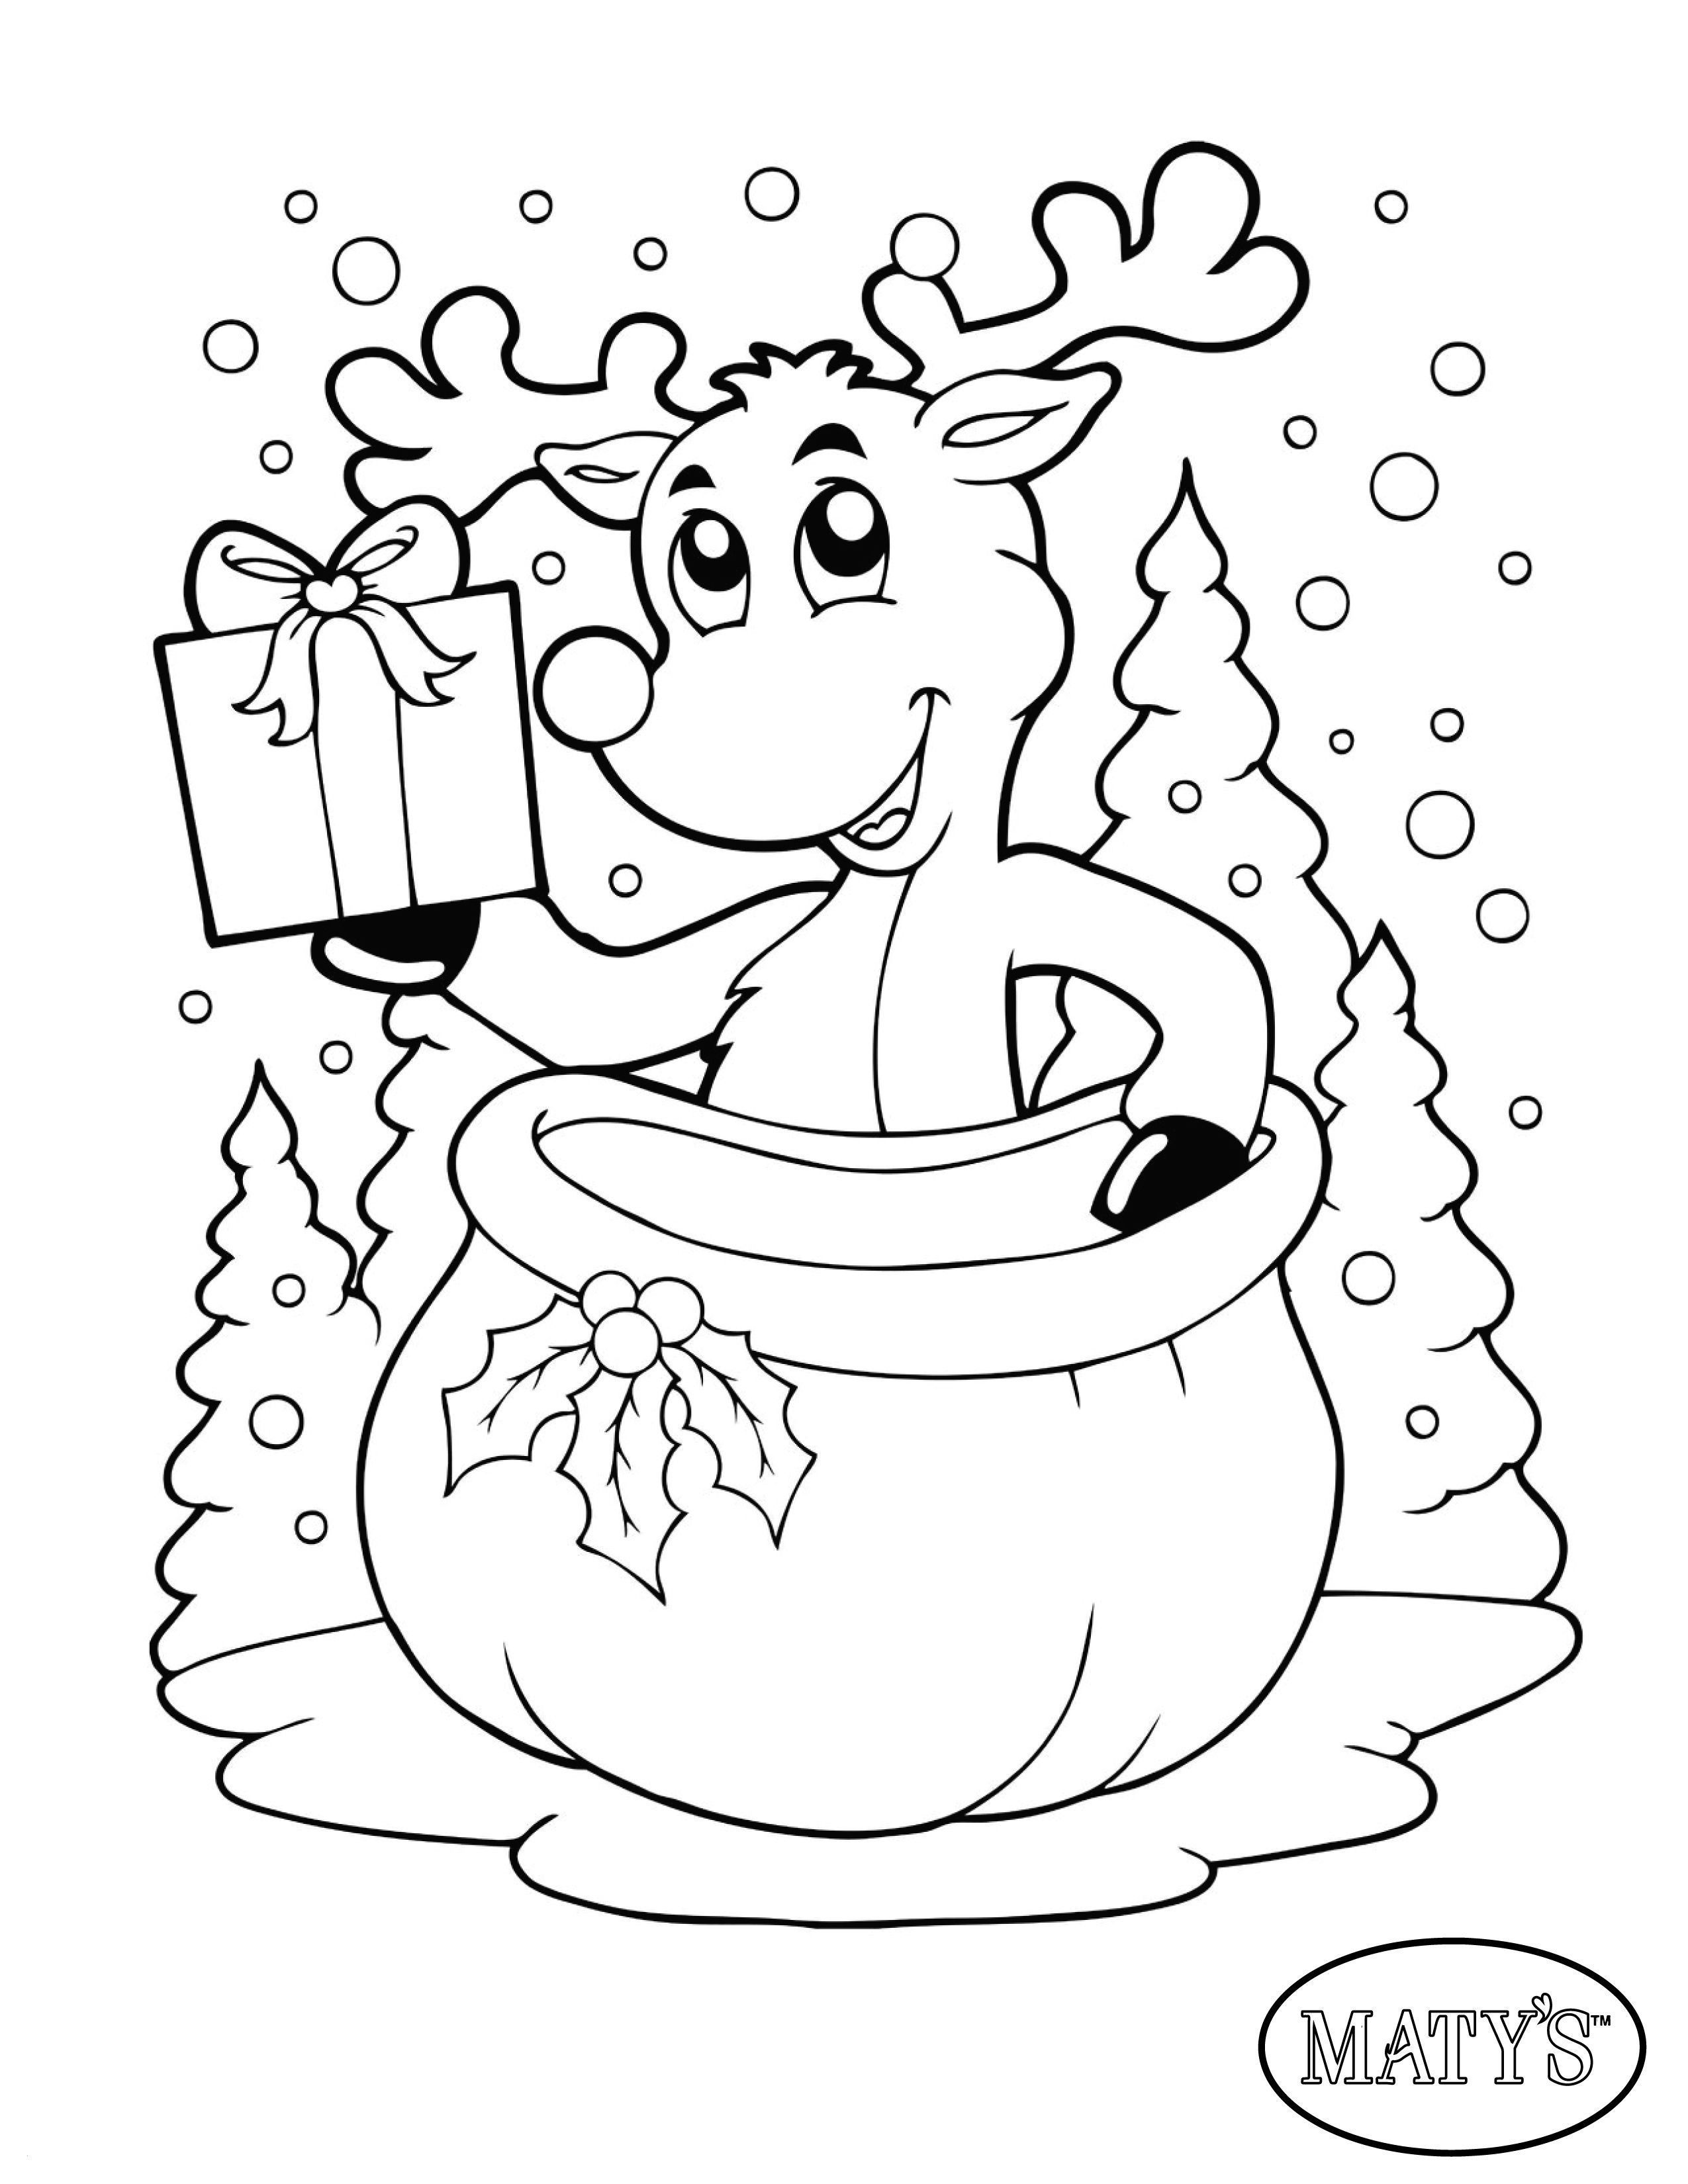 Malvorlagen Weihnachten Engel Genial Frisch Malvorlagen Weihnachten Design Malvorlag Printable Christmas Coloring Pages Christmas Coloring Pages Coloring Pages